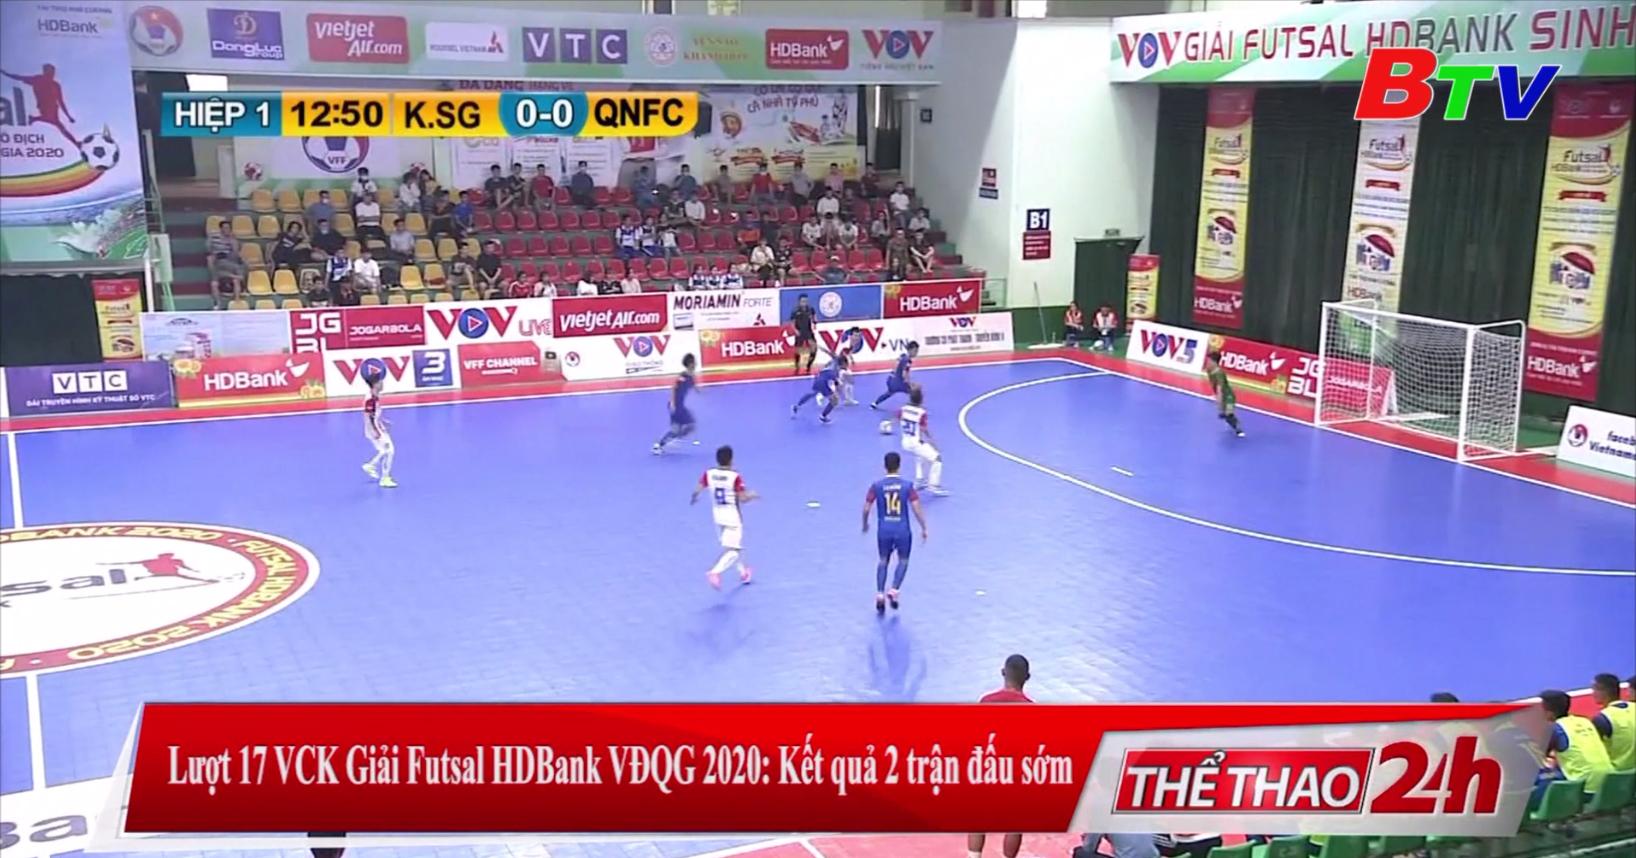 Lượt 17 Vòng chung kết Giải Futsal HDBank vô địch Quốc gia 2020 - Kết quả 2 trận đấu sớm